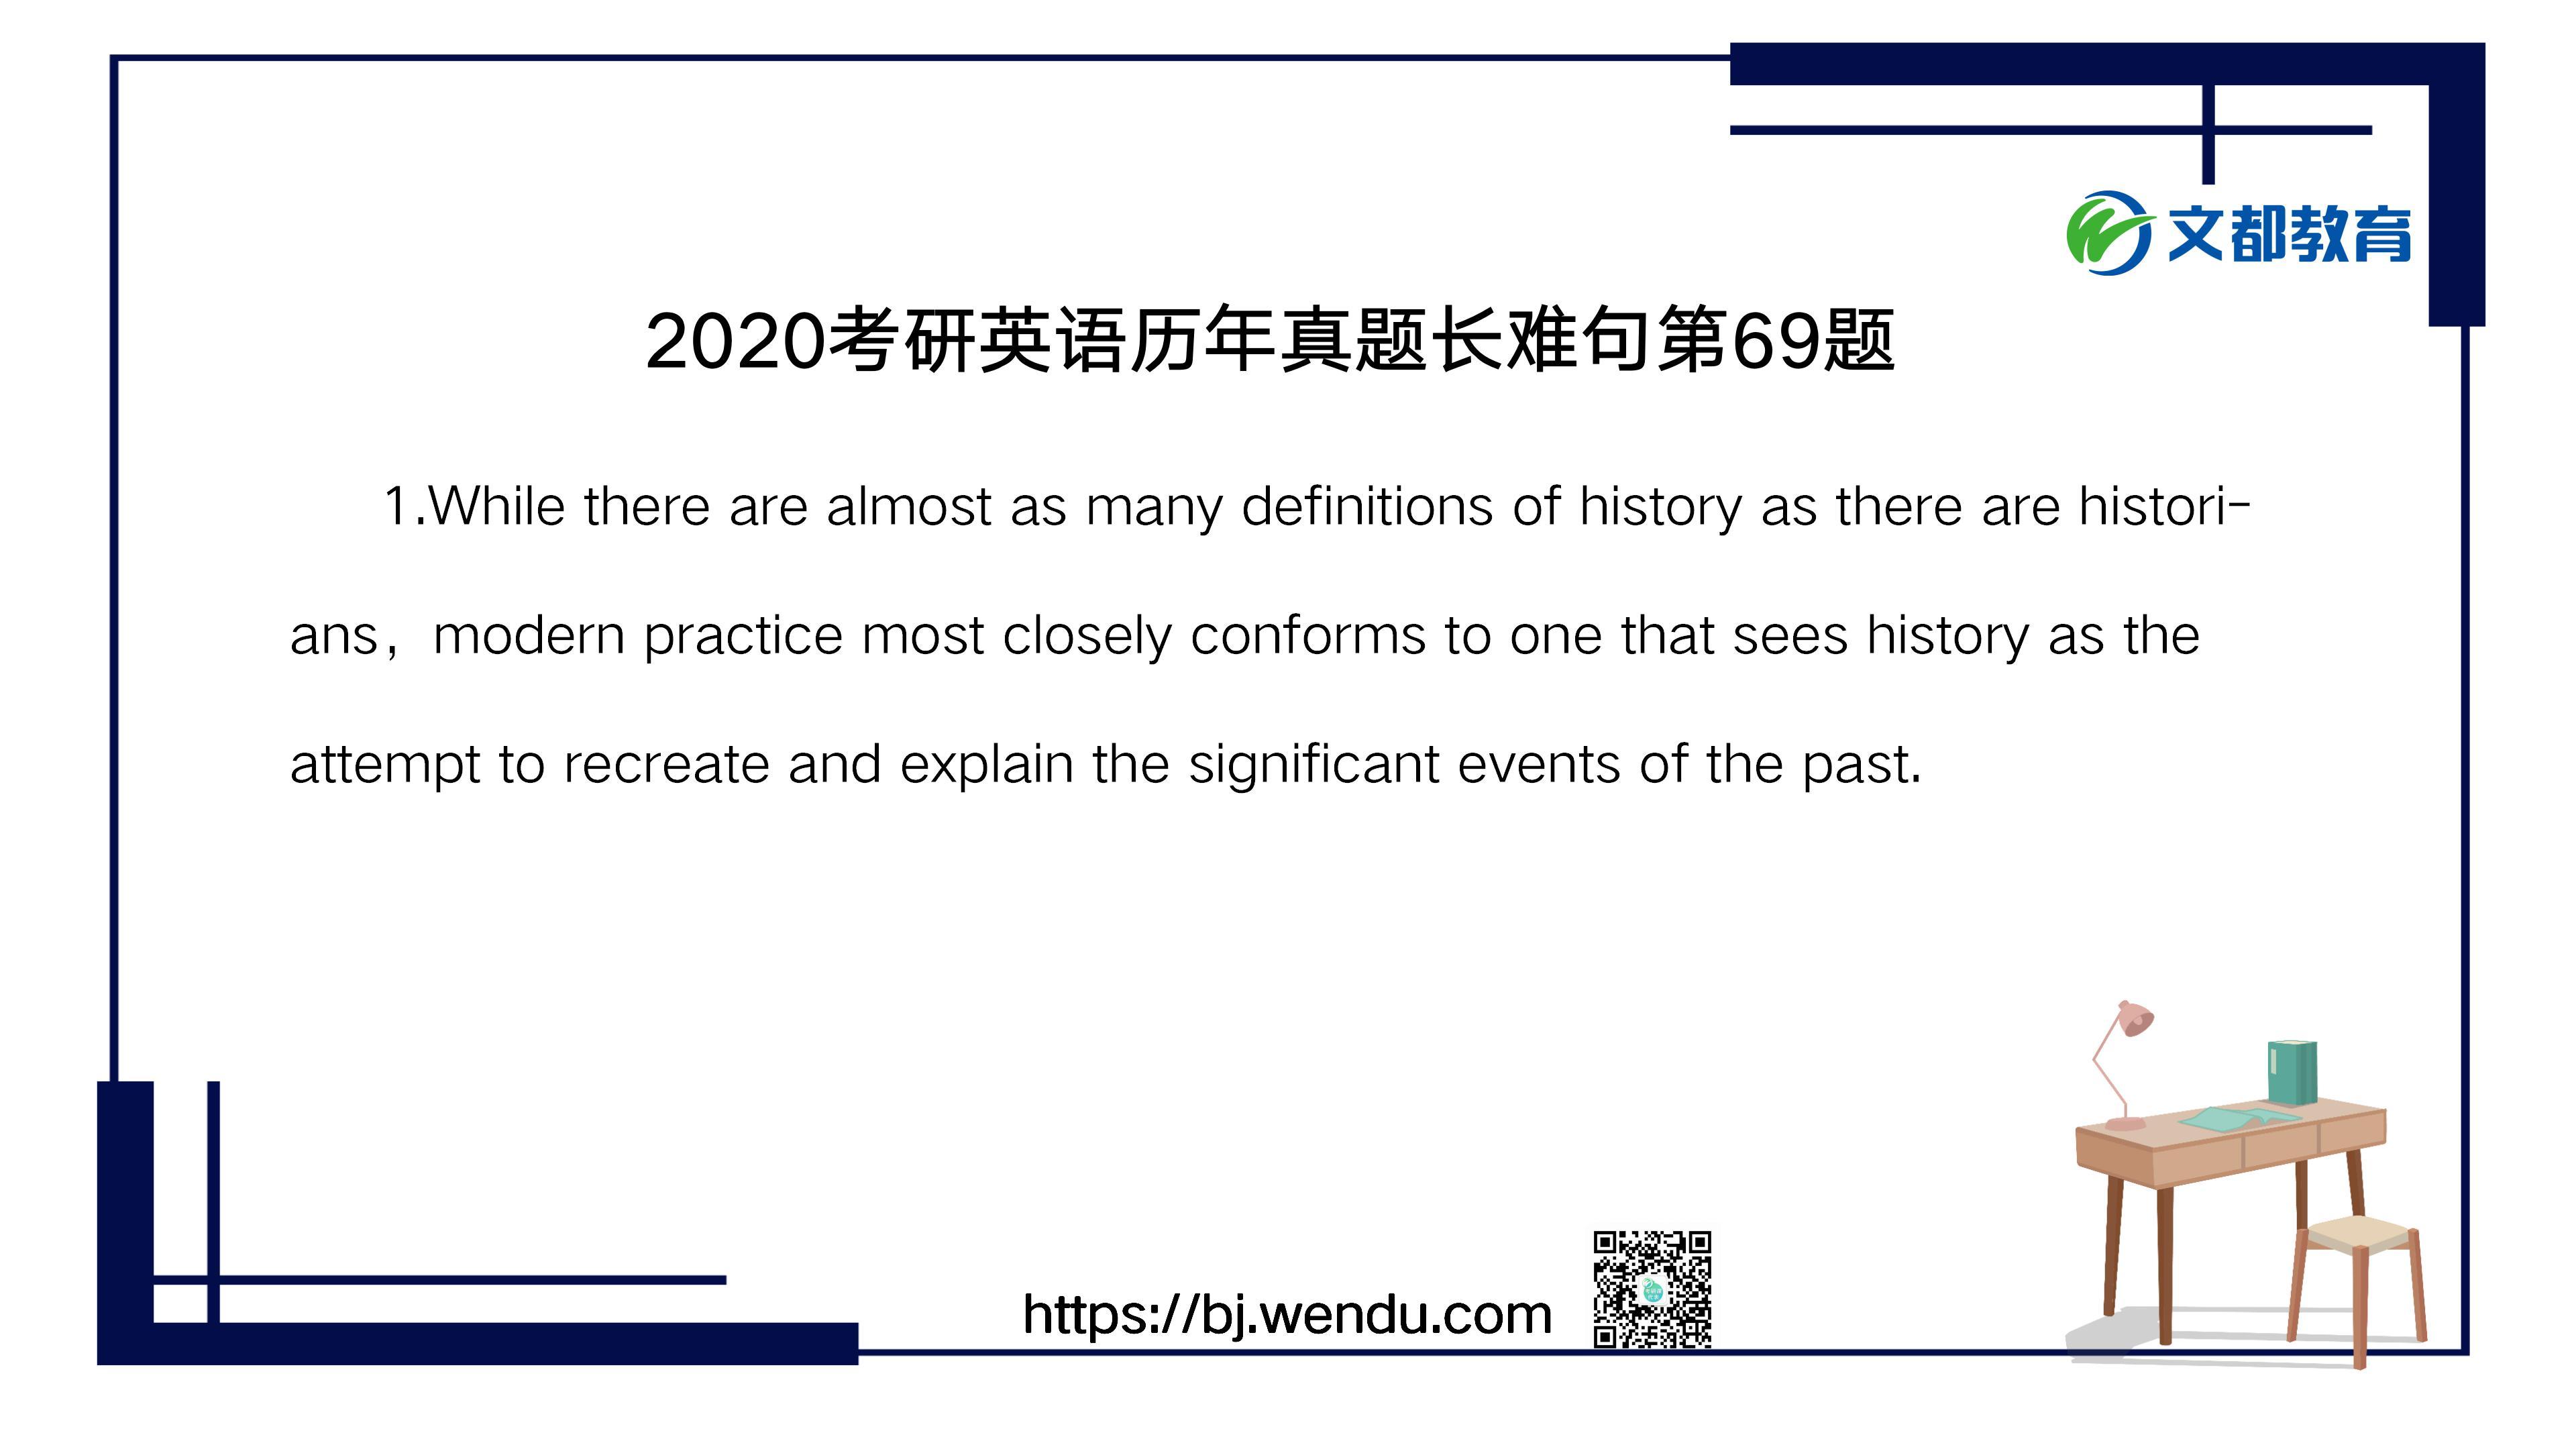 2020考研英语历年真题长难句第69题